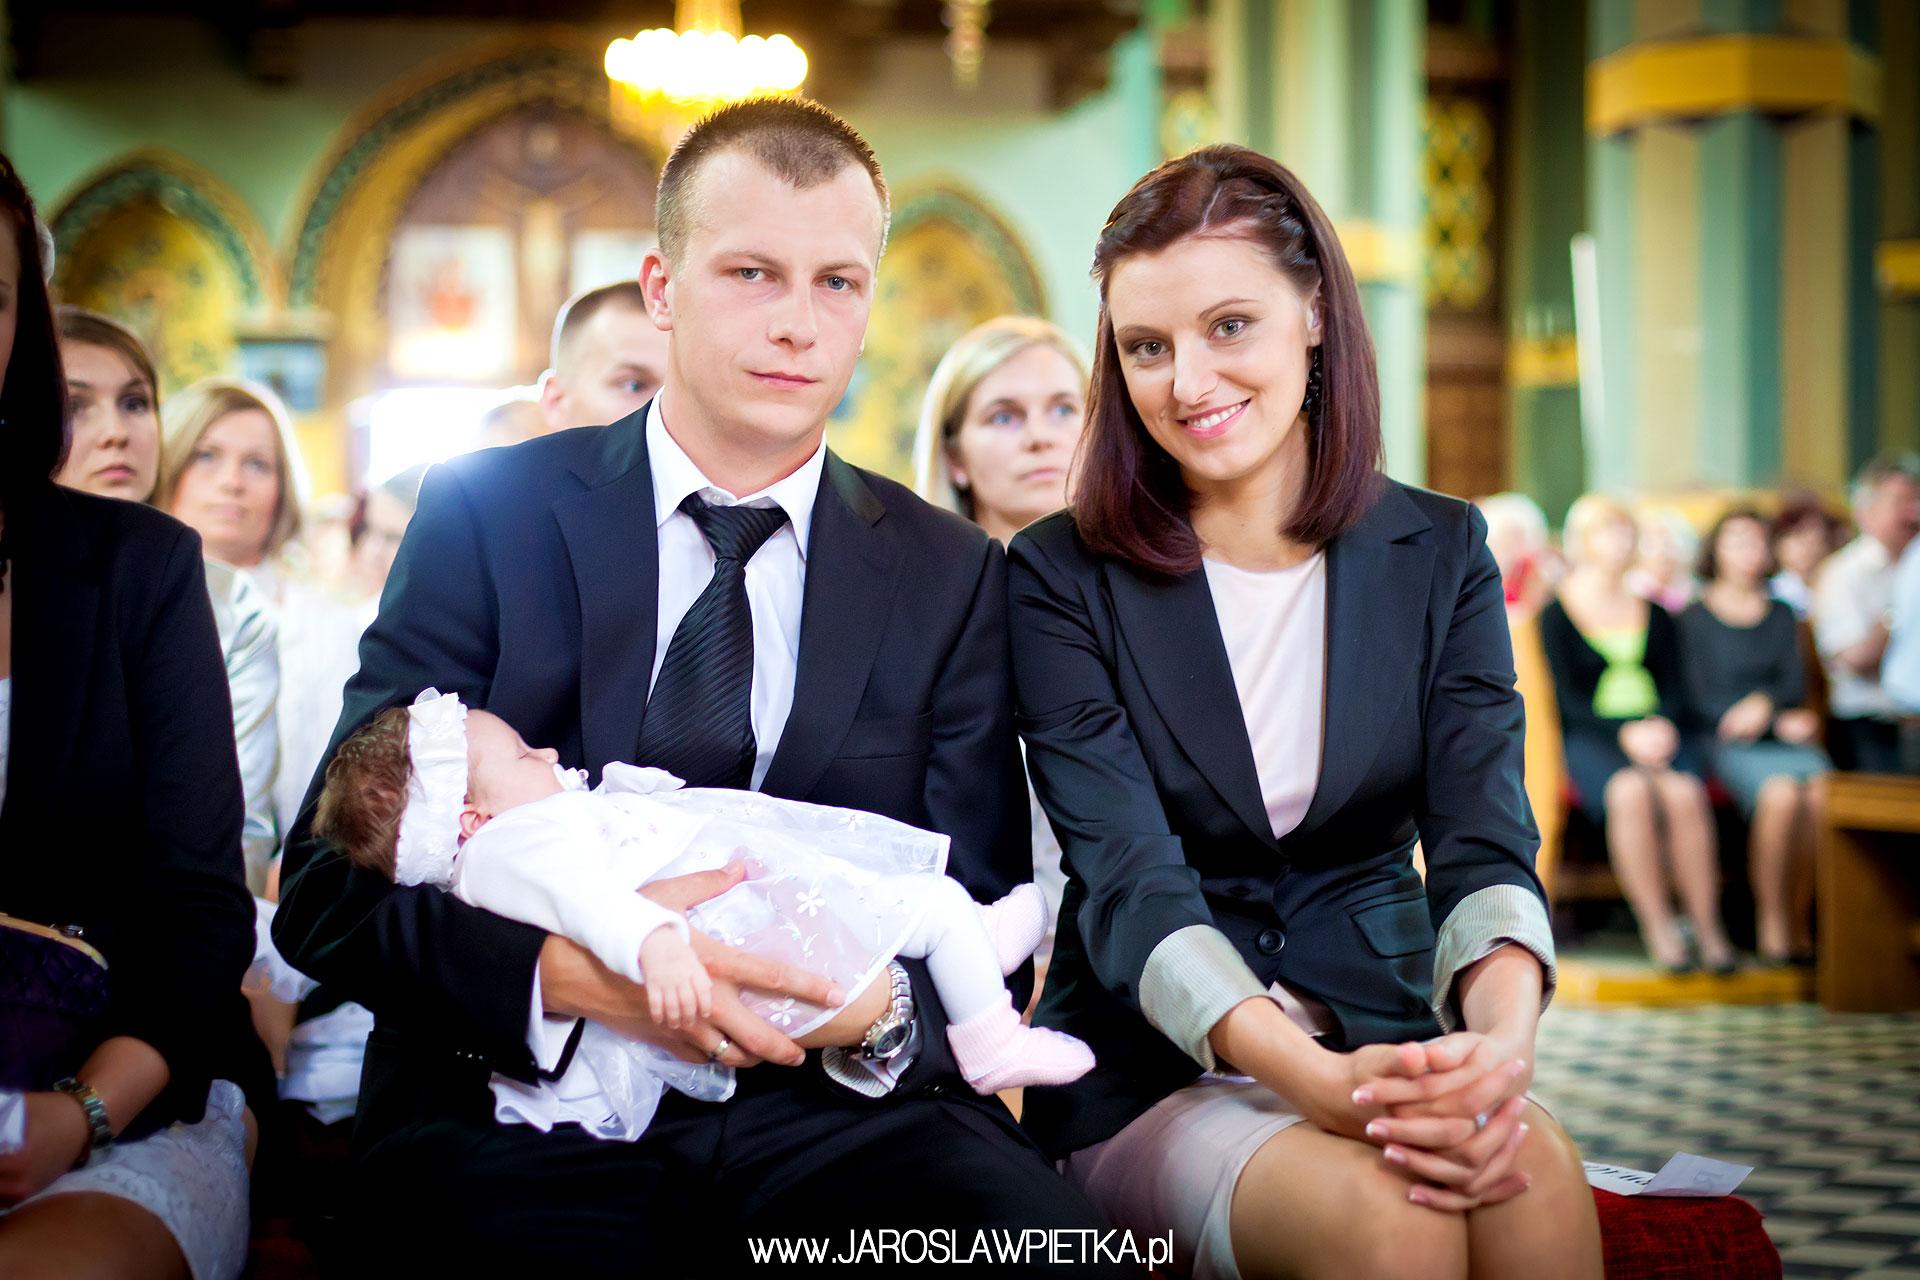 chrzest galeria zdjęć _ fotografia podczaz chrztu świętego _ reportaż z chrztu